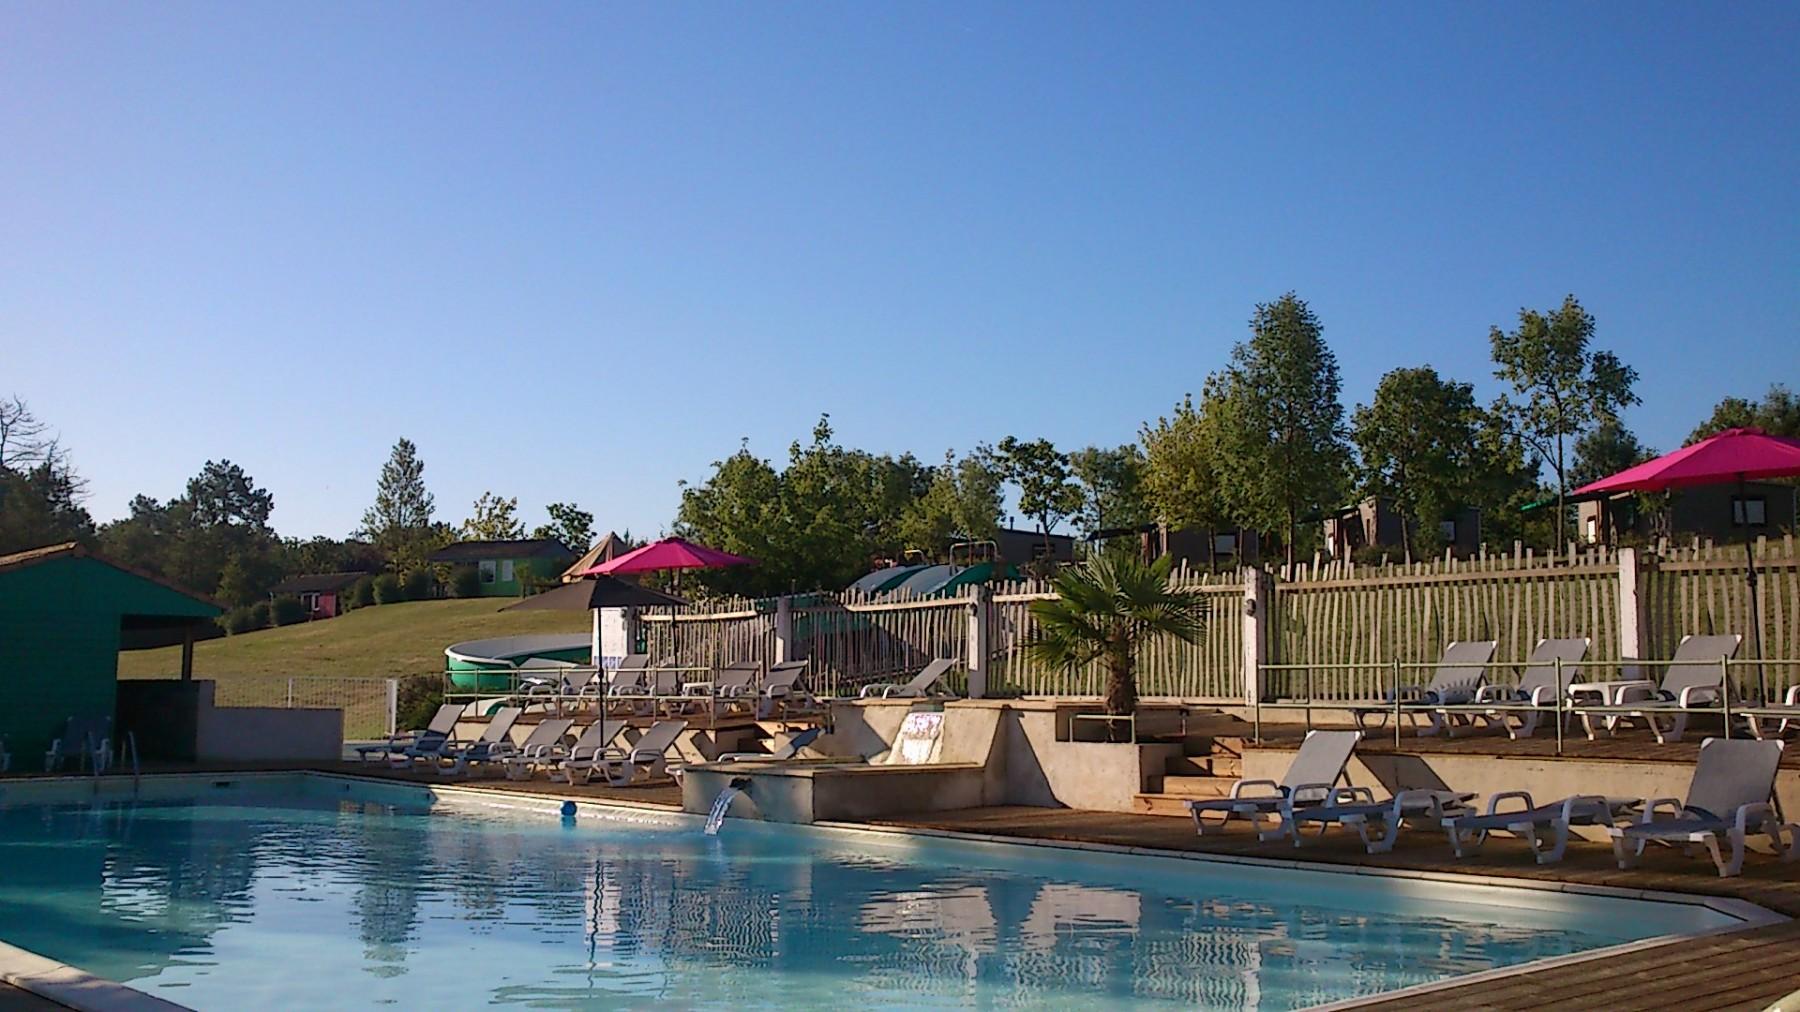 Camping dordogne avec piscine et toboggan nouveaux for Camping avec piscine et toboggan